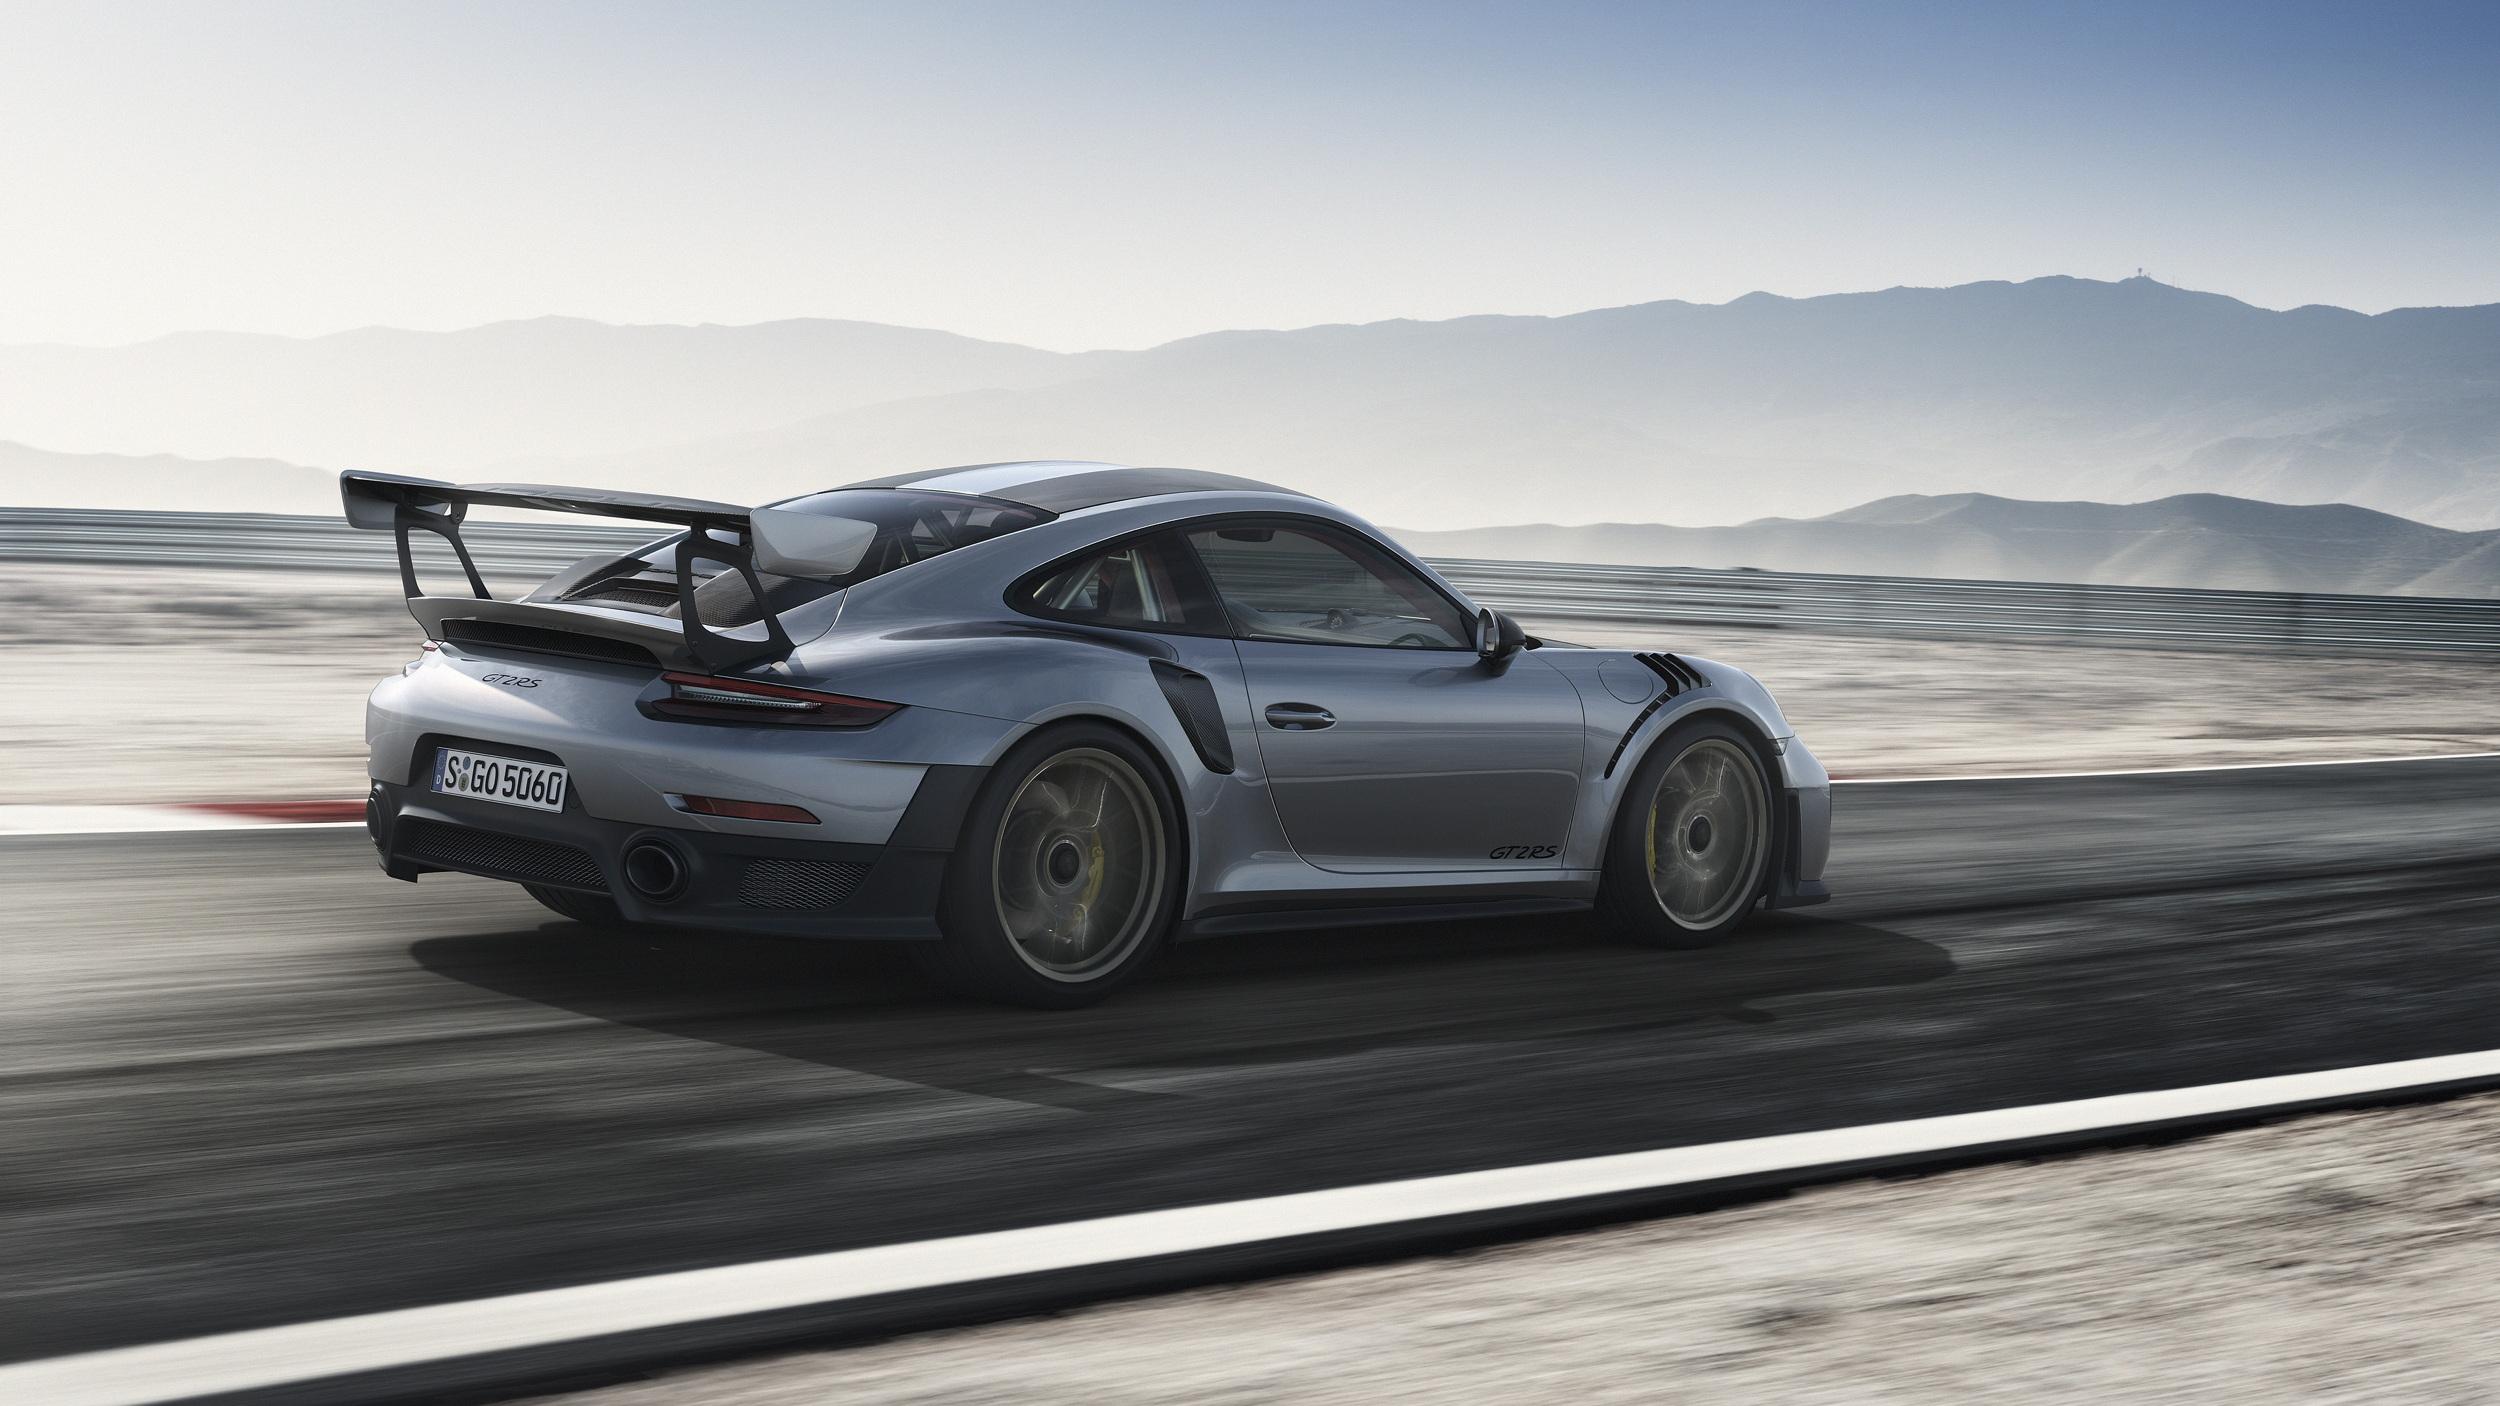 2017 Porsche 911 GT2 RS side